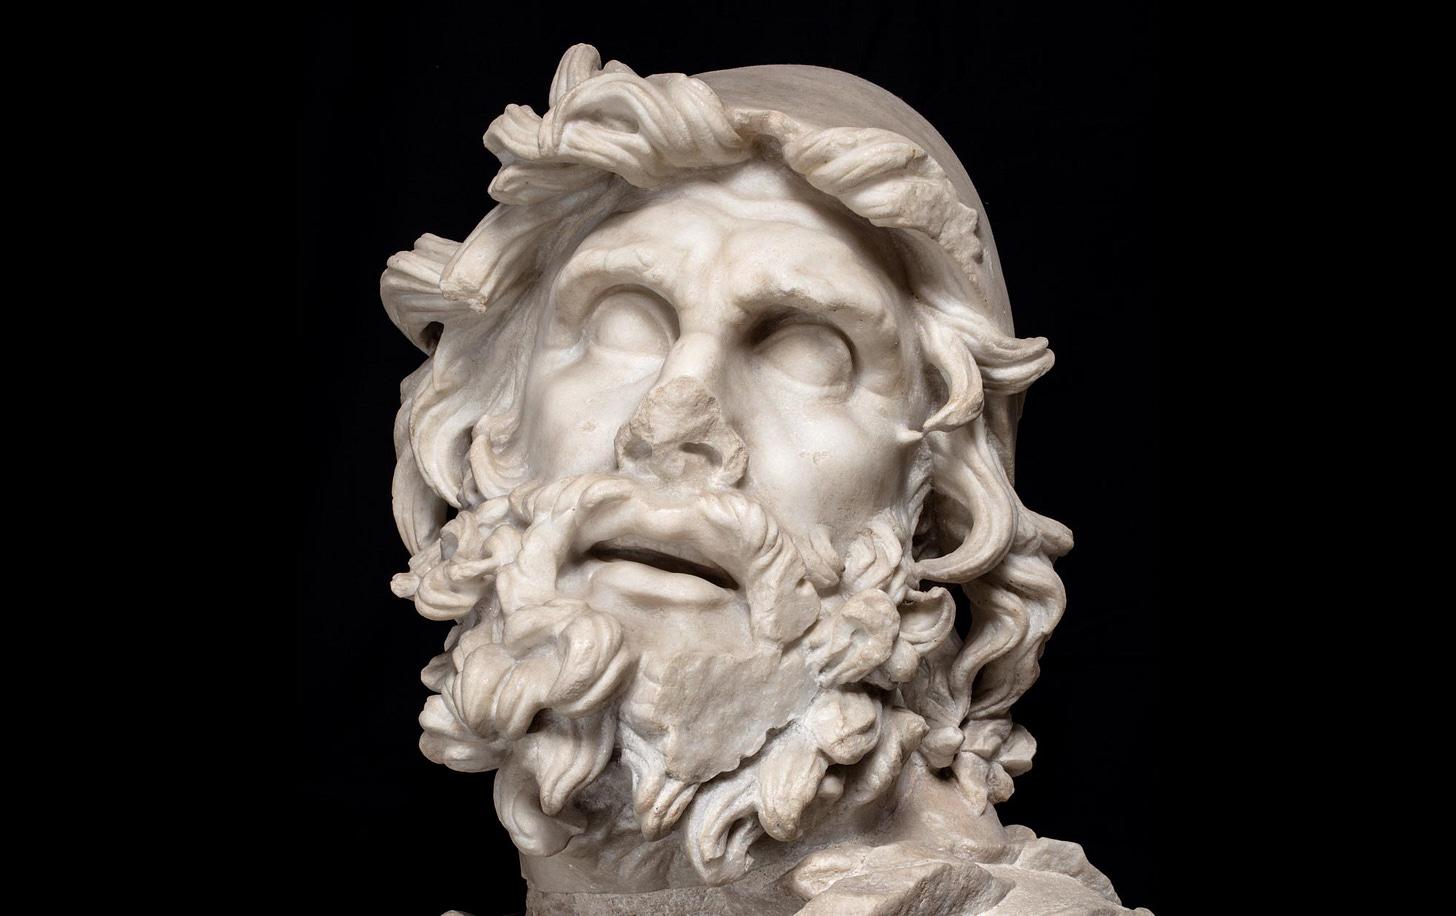 Ulisse. L'arte e il mito Musei San Domenico Forli 15 febbraio - FOTO 11 -  21 giugno 2020 - FOTO 11 - Arte.it